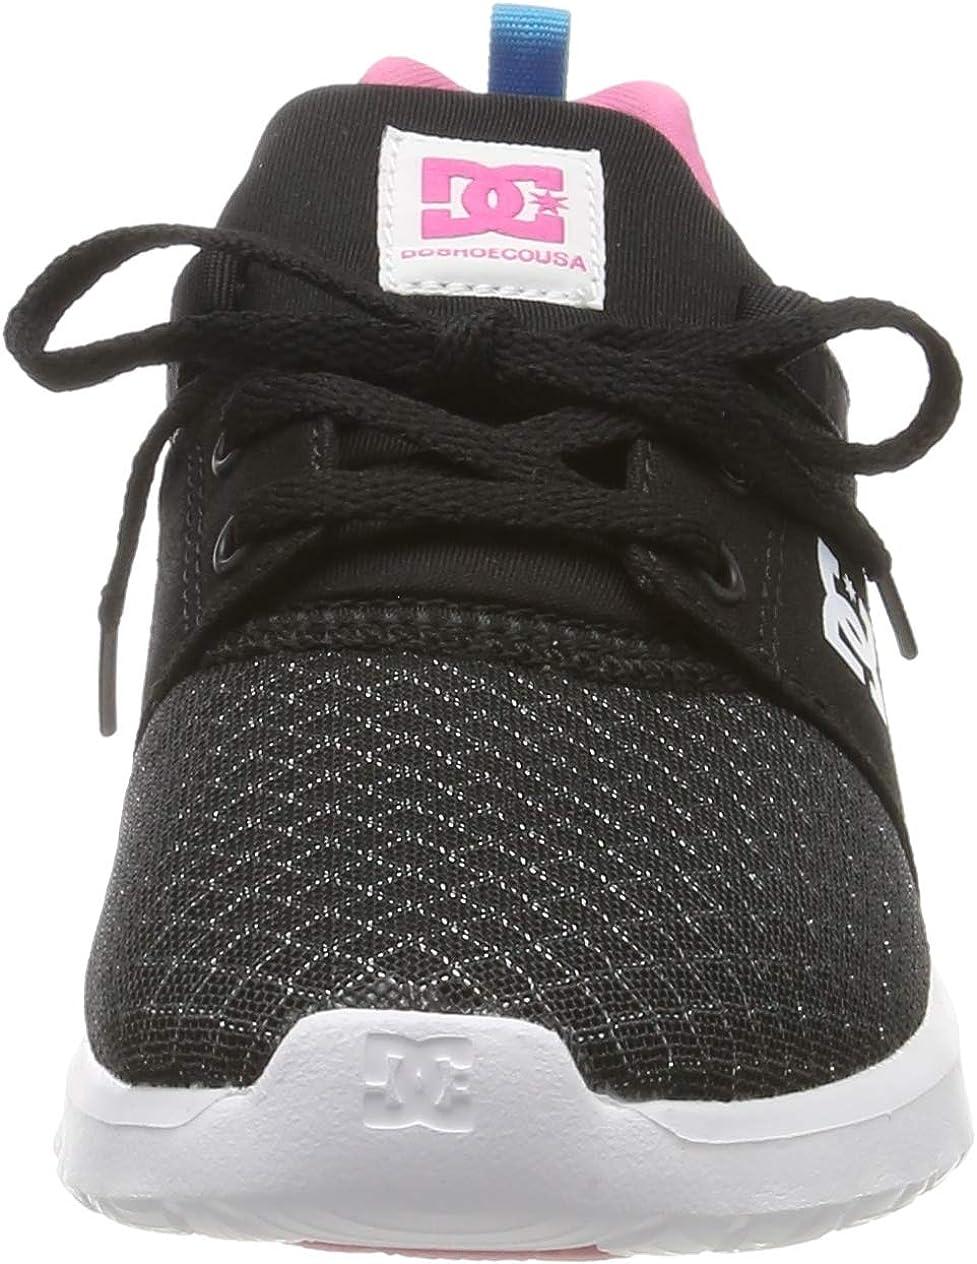 Womens Low-Top Sneakers DCSHI DC Shoes